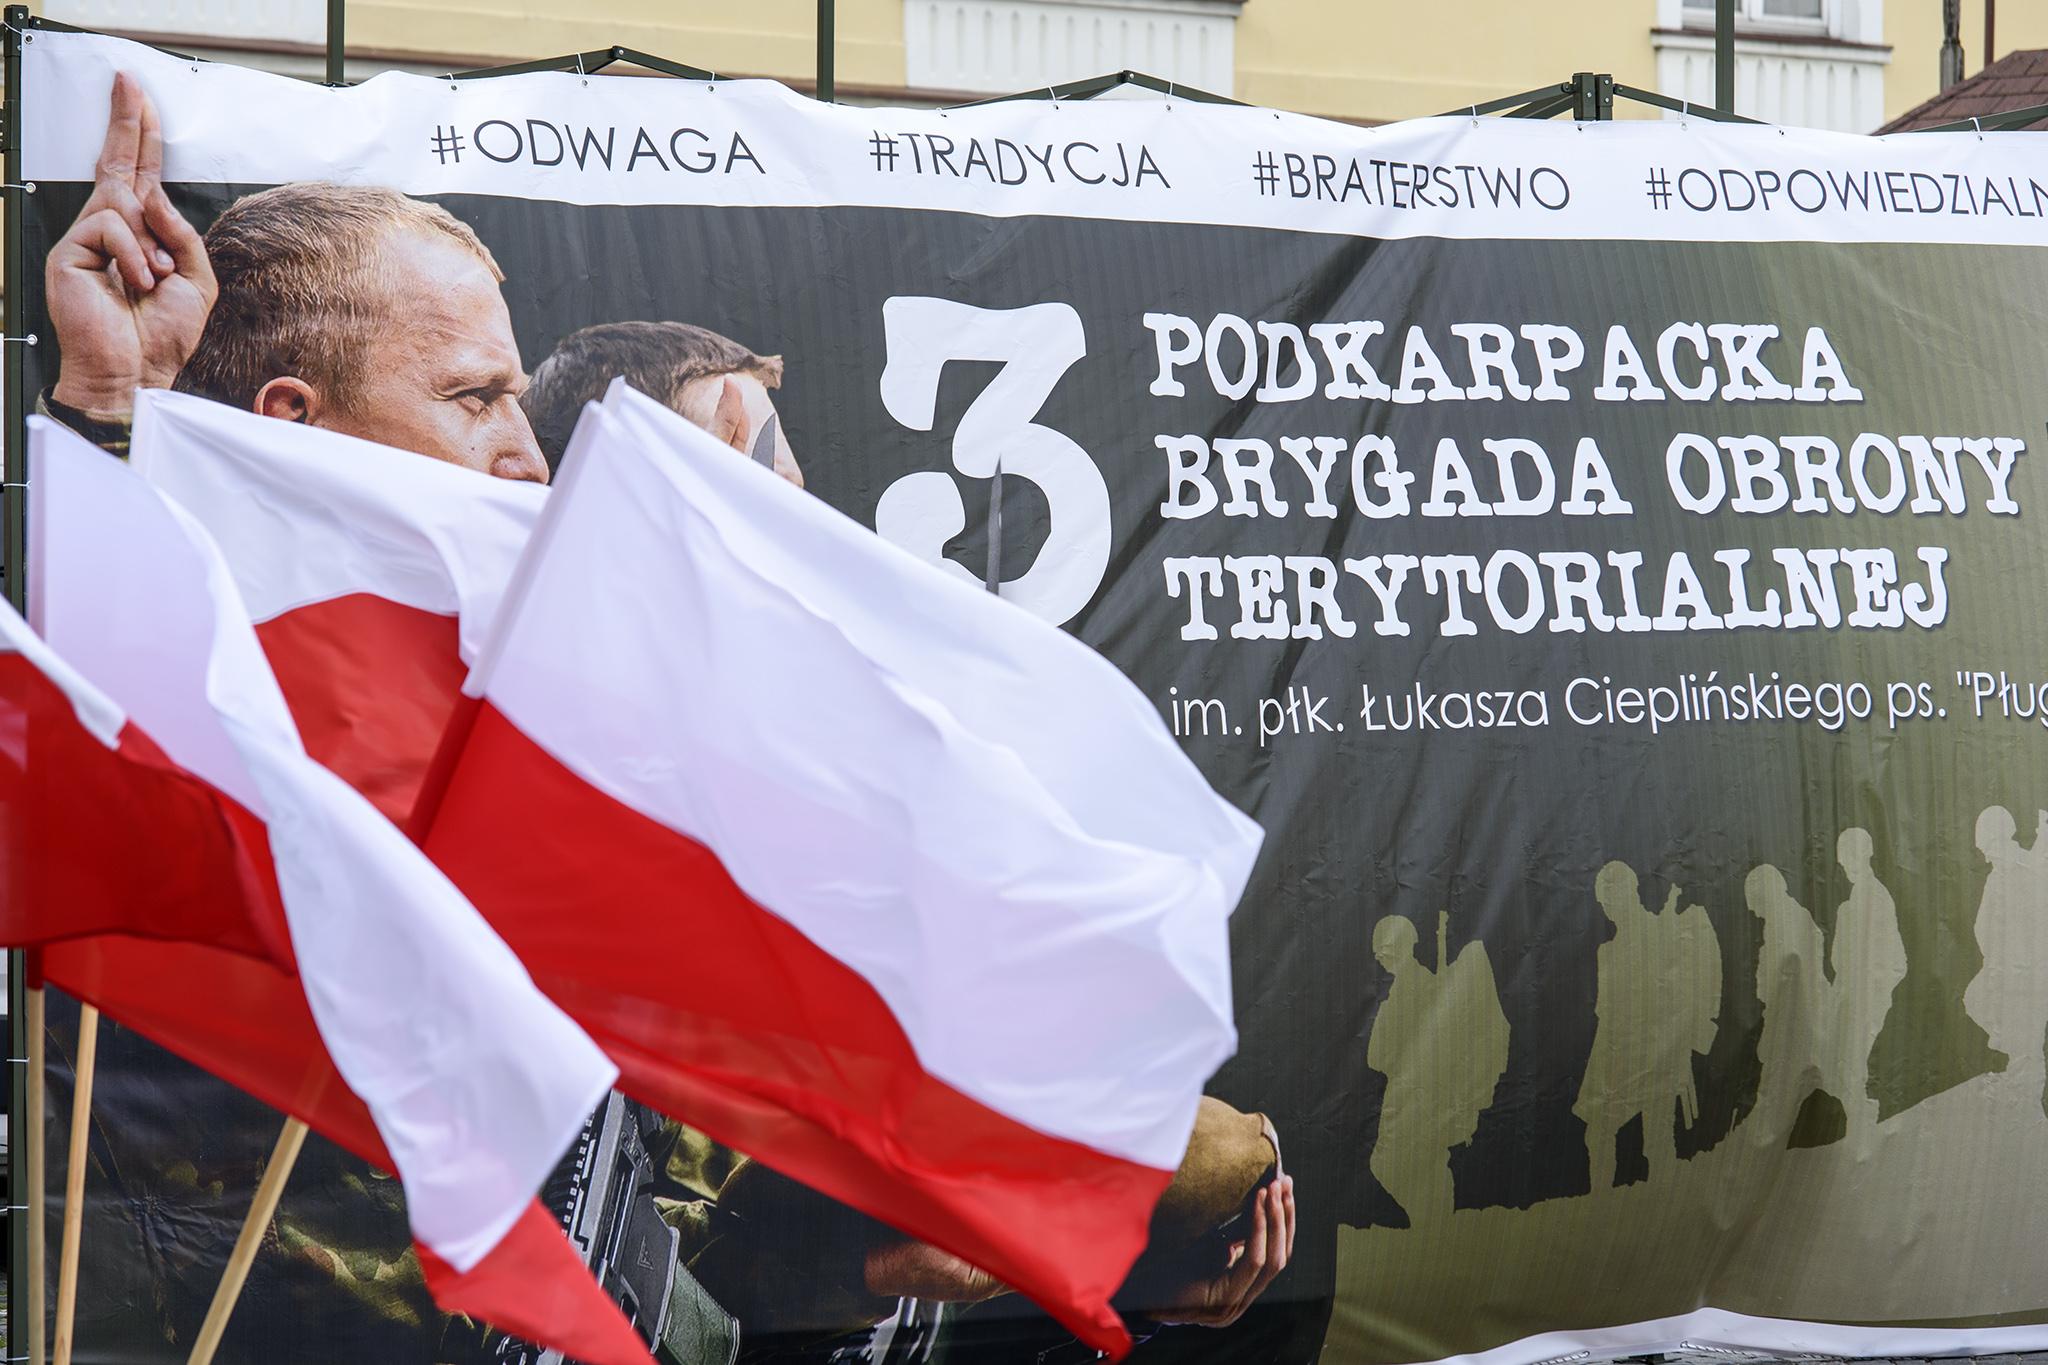 DSC_3350_RZESZOW_NEWS_SEBASTIAN_STANKIEWICZ